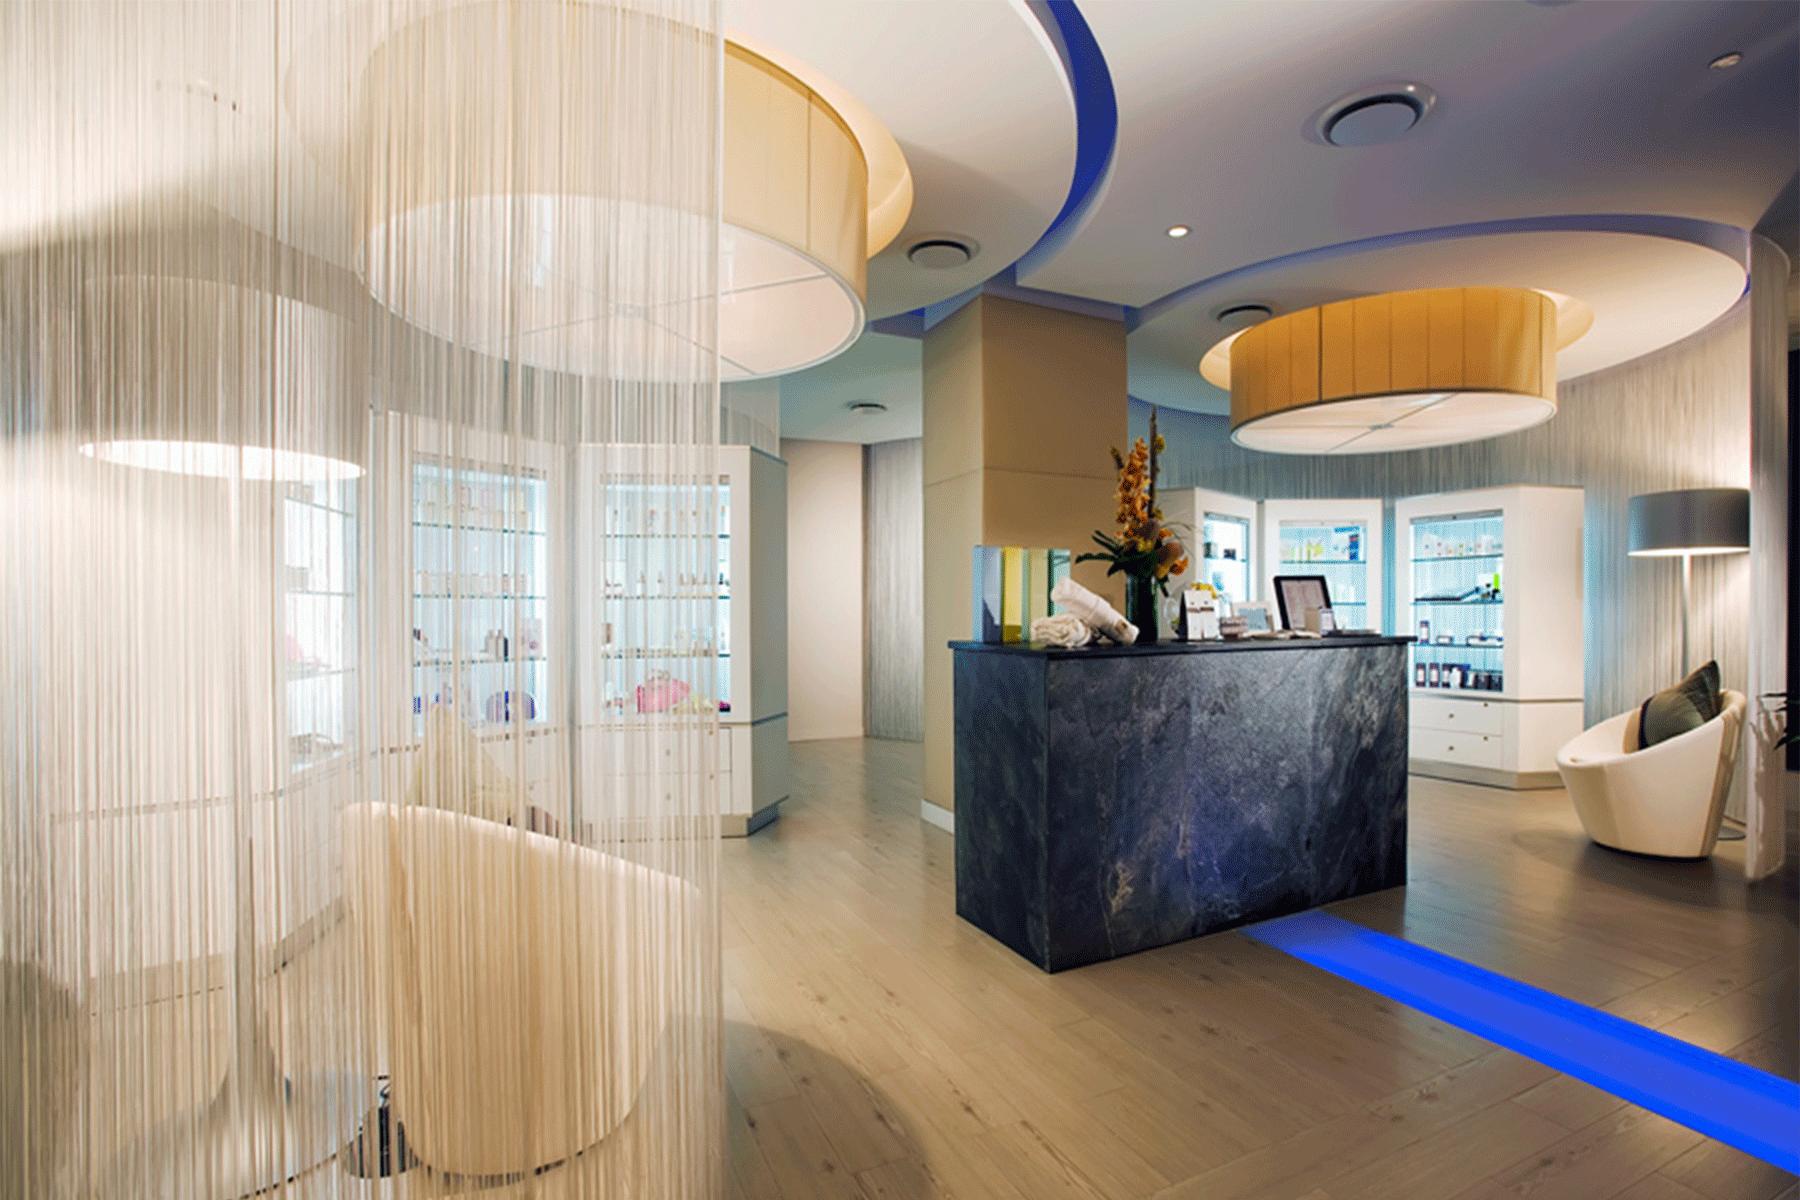 Intercontinental-Hotel-miami-spa